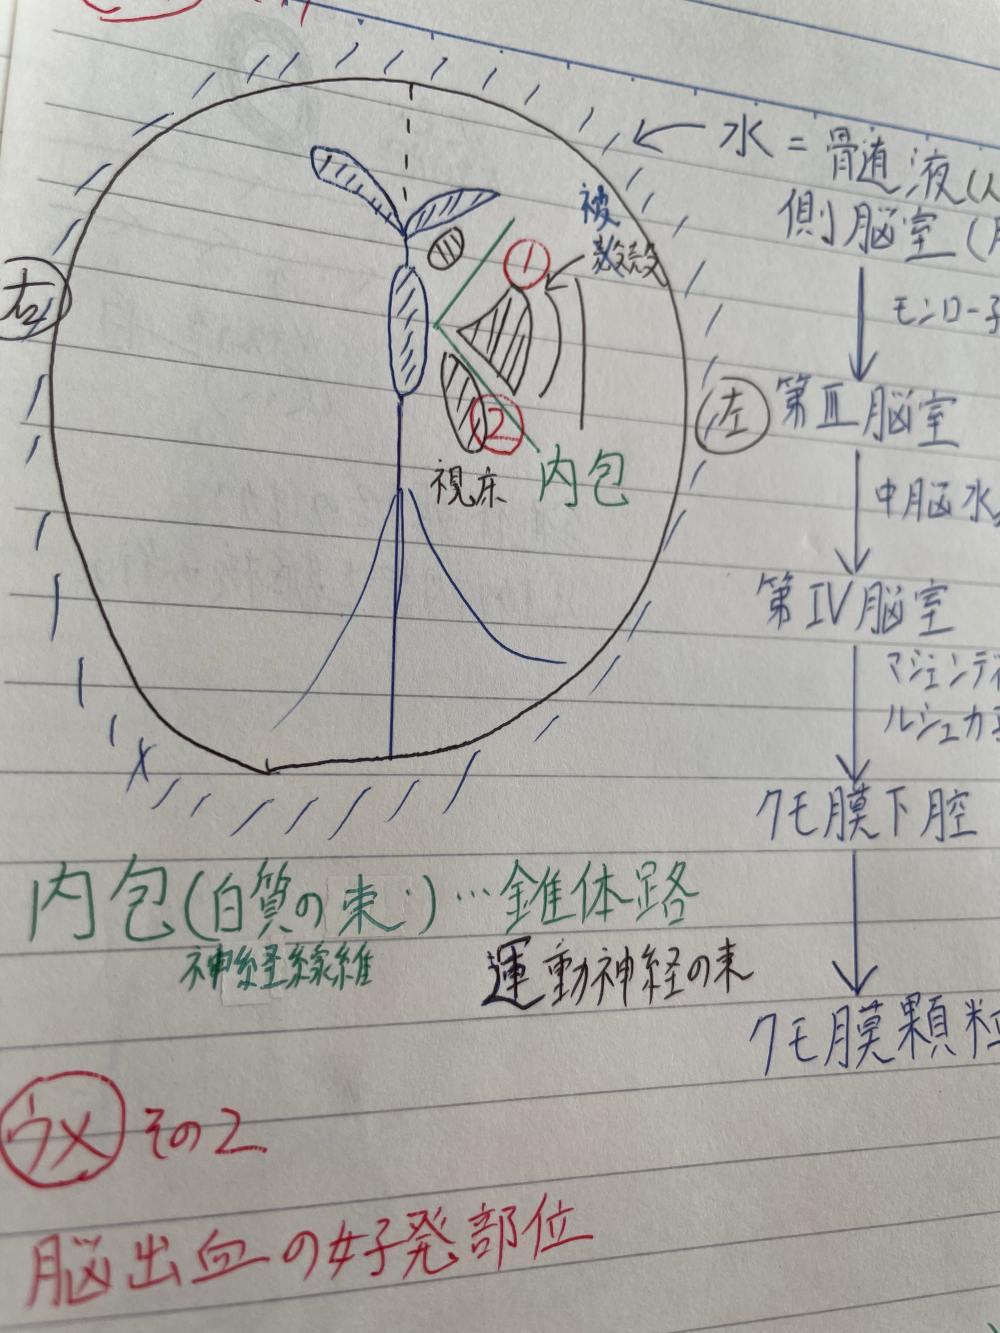 救急救命士東京研修所エルスタのノート